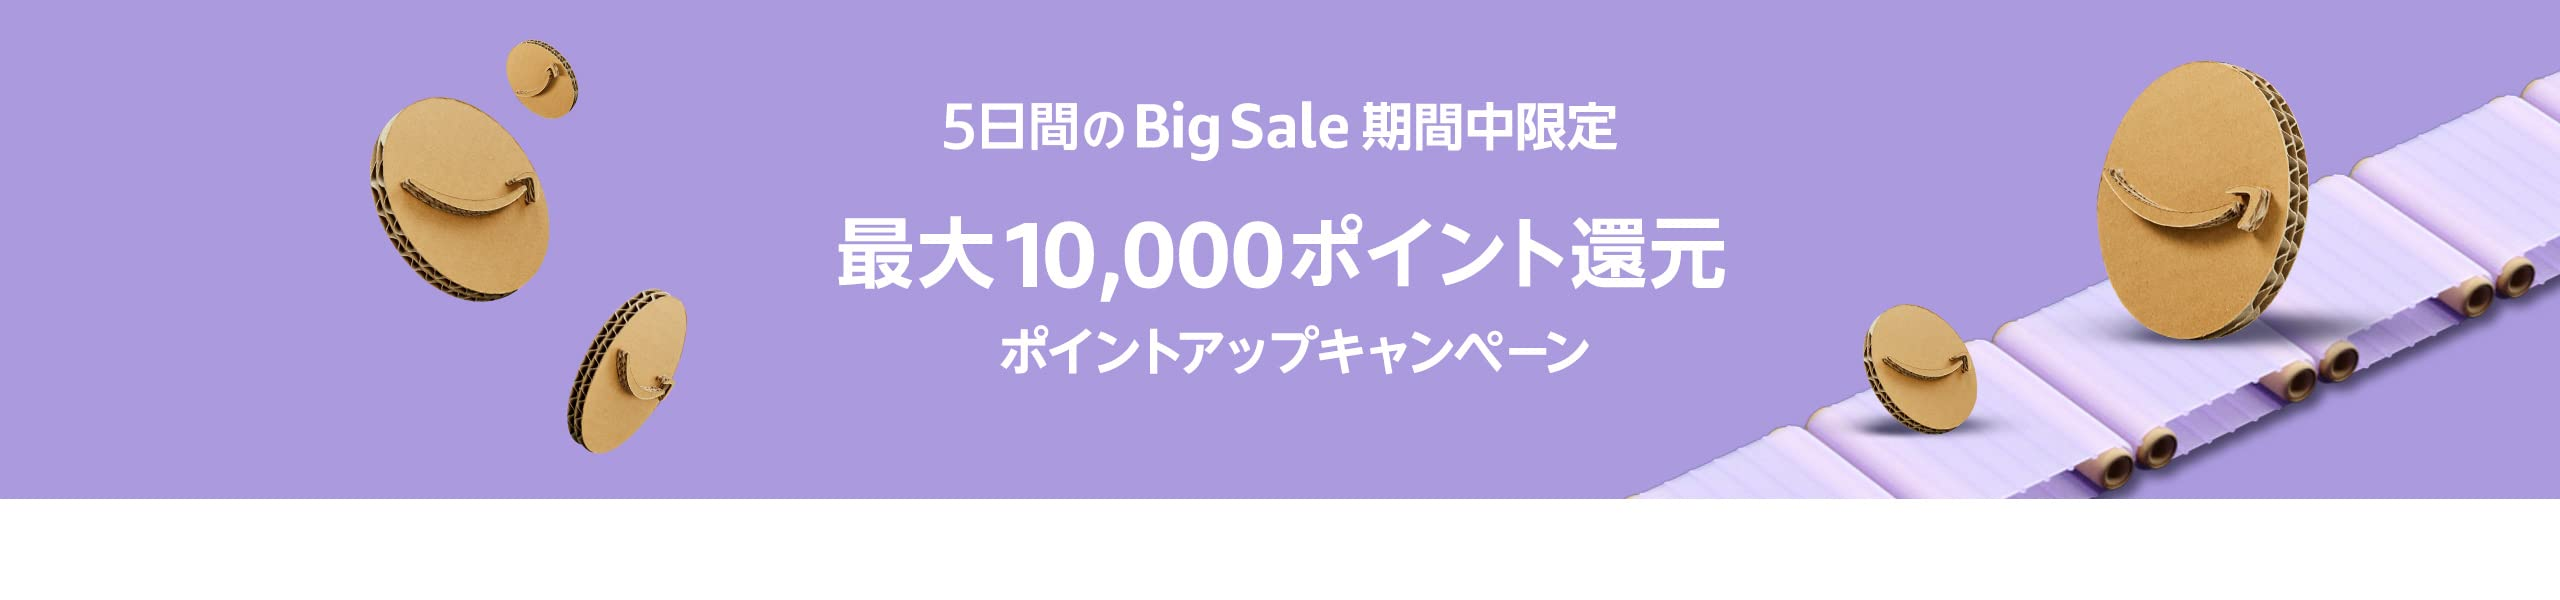 最大10,000ポイント還元 ポイントアップキャンペーン